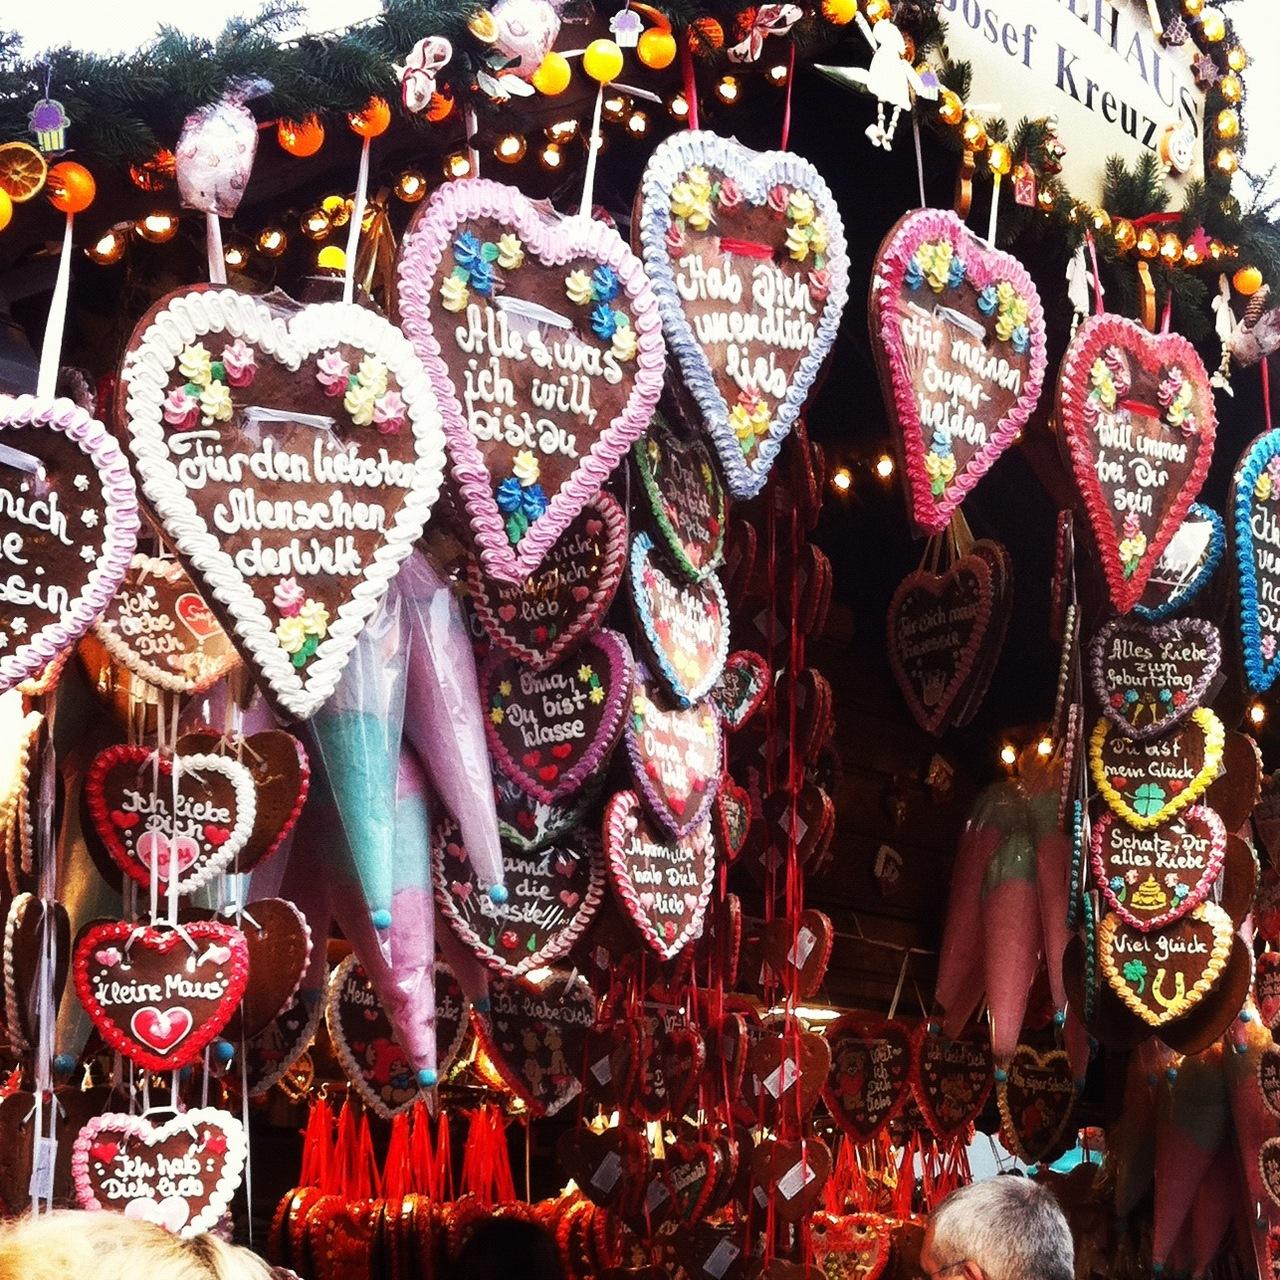 Was machen wir am 1. Adventswochenende? // Weihnachtsmarkt & City-Late-Night-Shopping & Ikea-verkaufsoffen :)